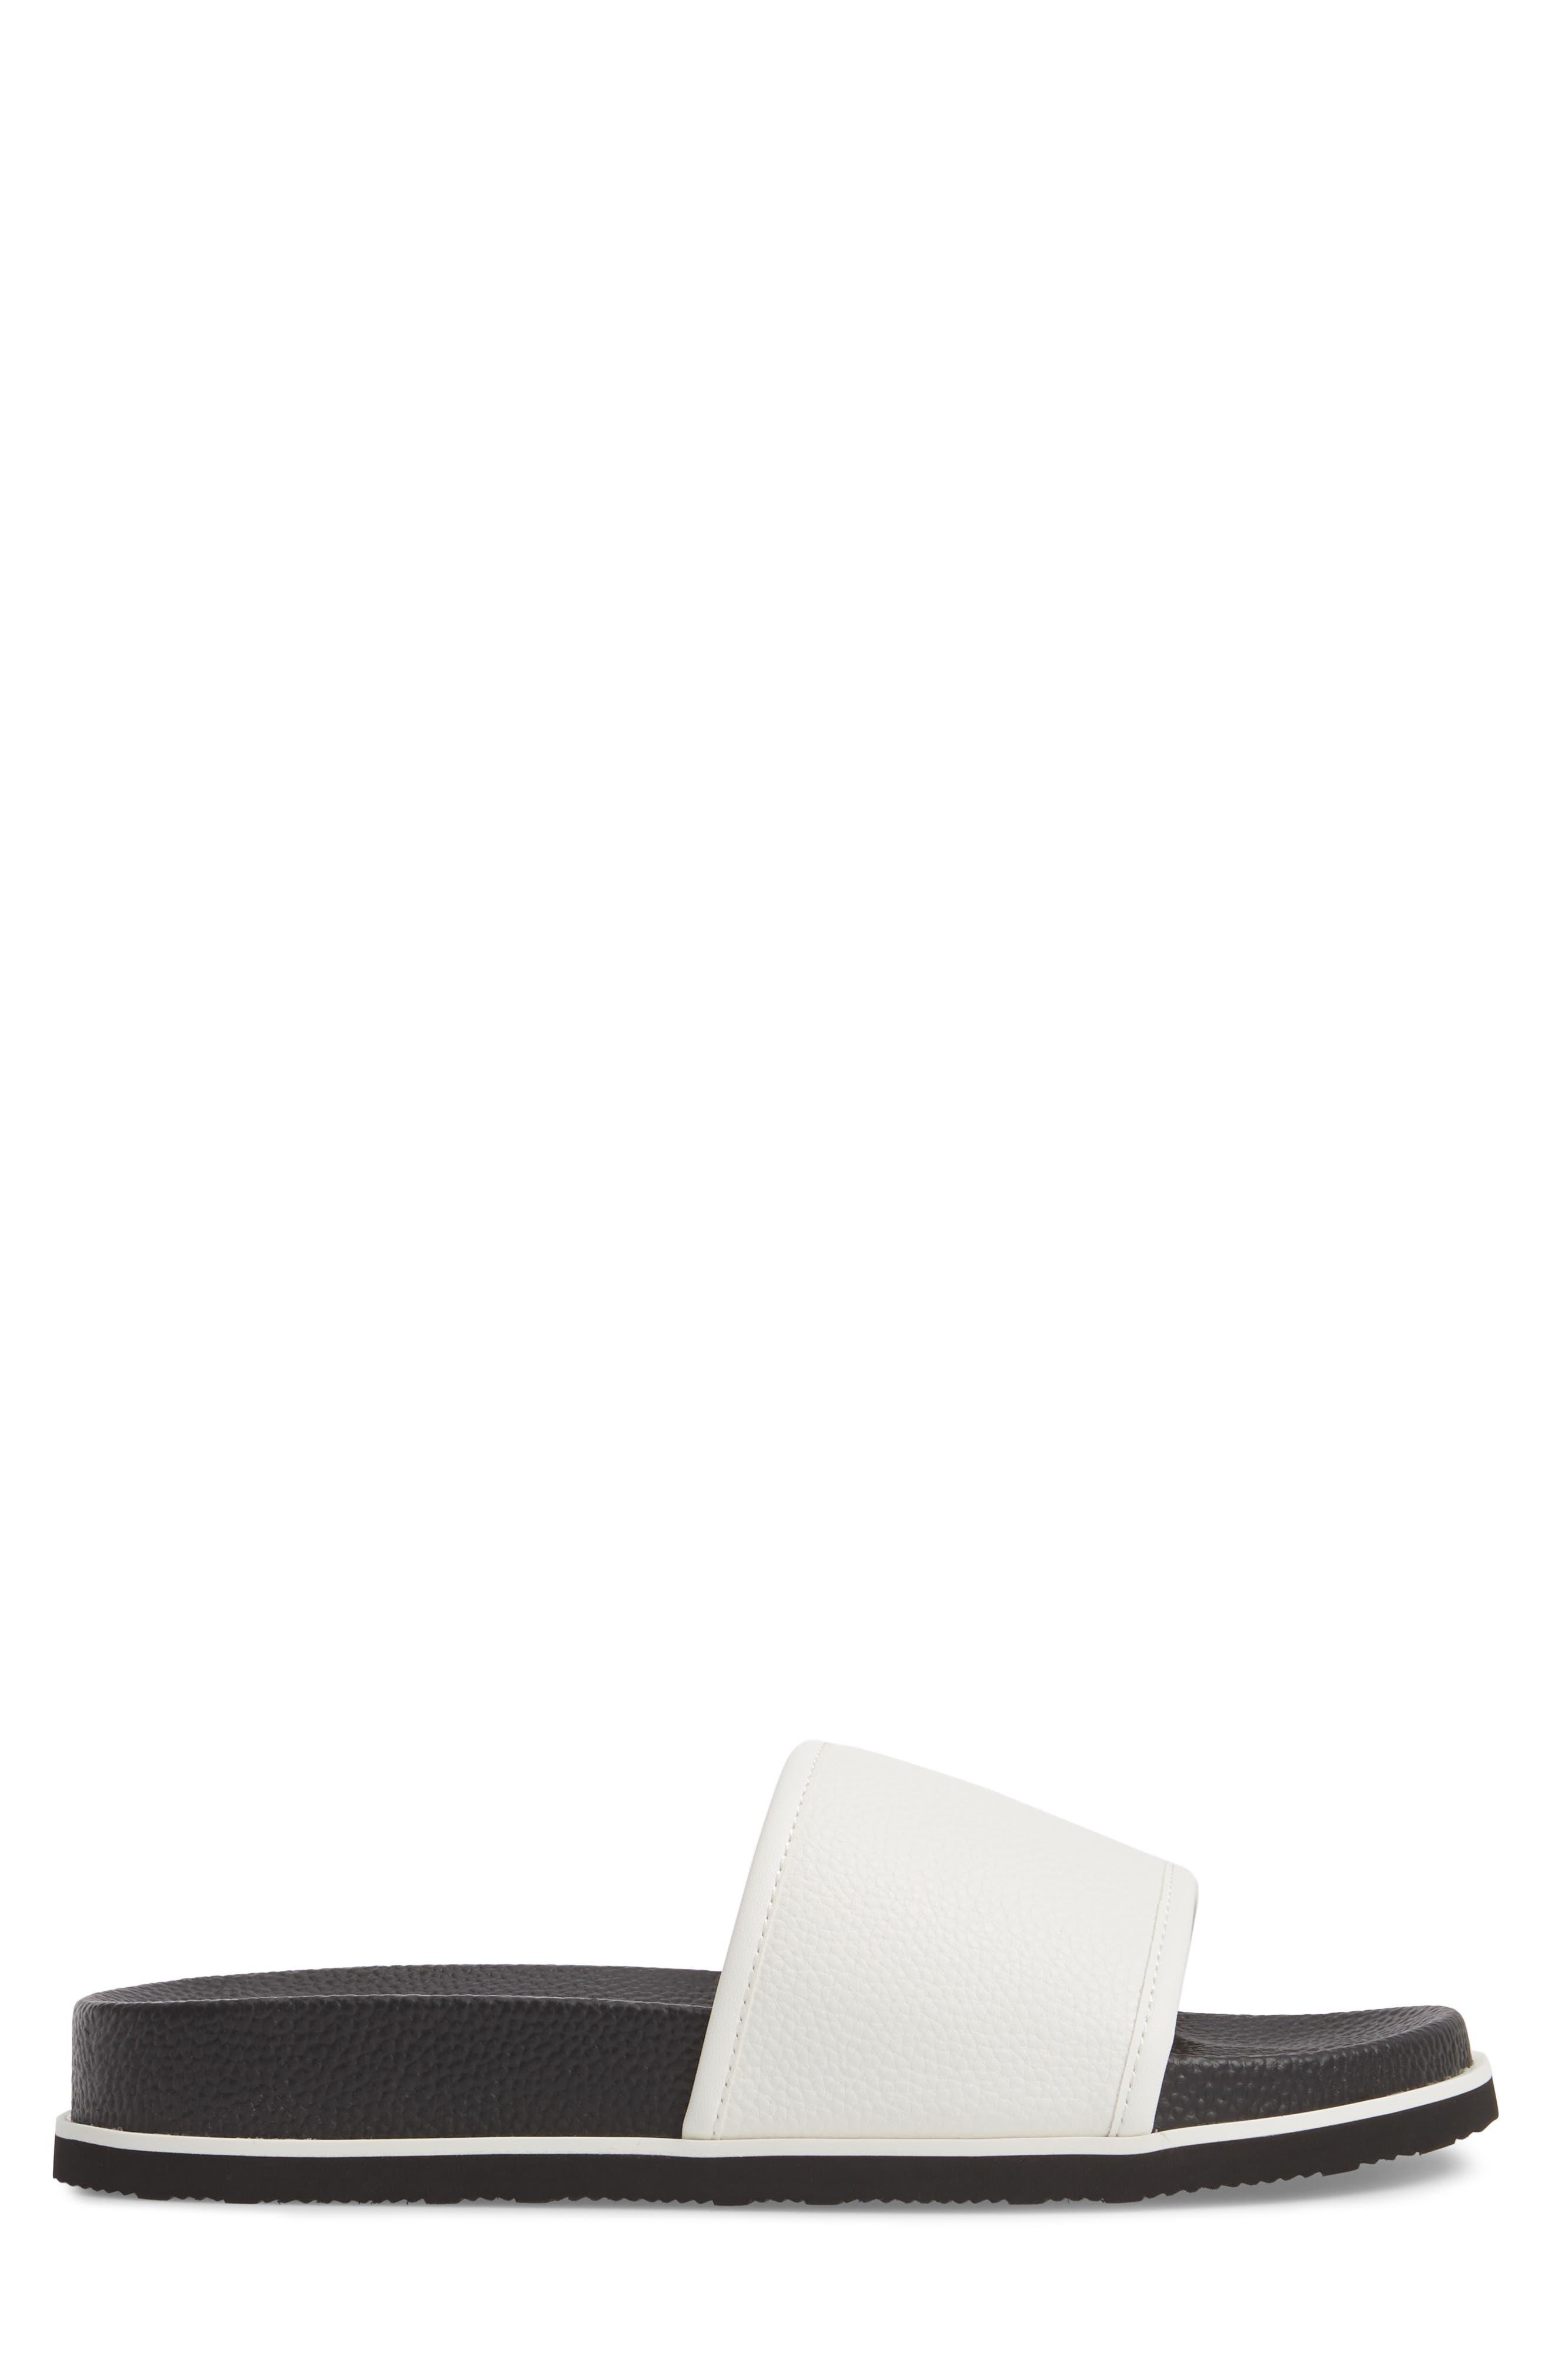 Mackee Sport Slide,                             Alternate thumbnail 3, color,                             White Leather